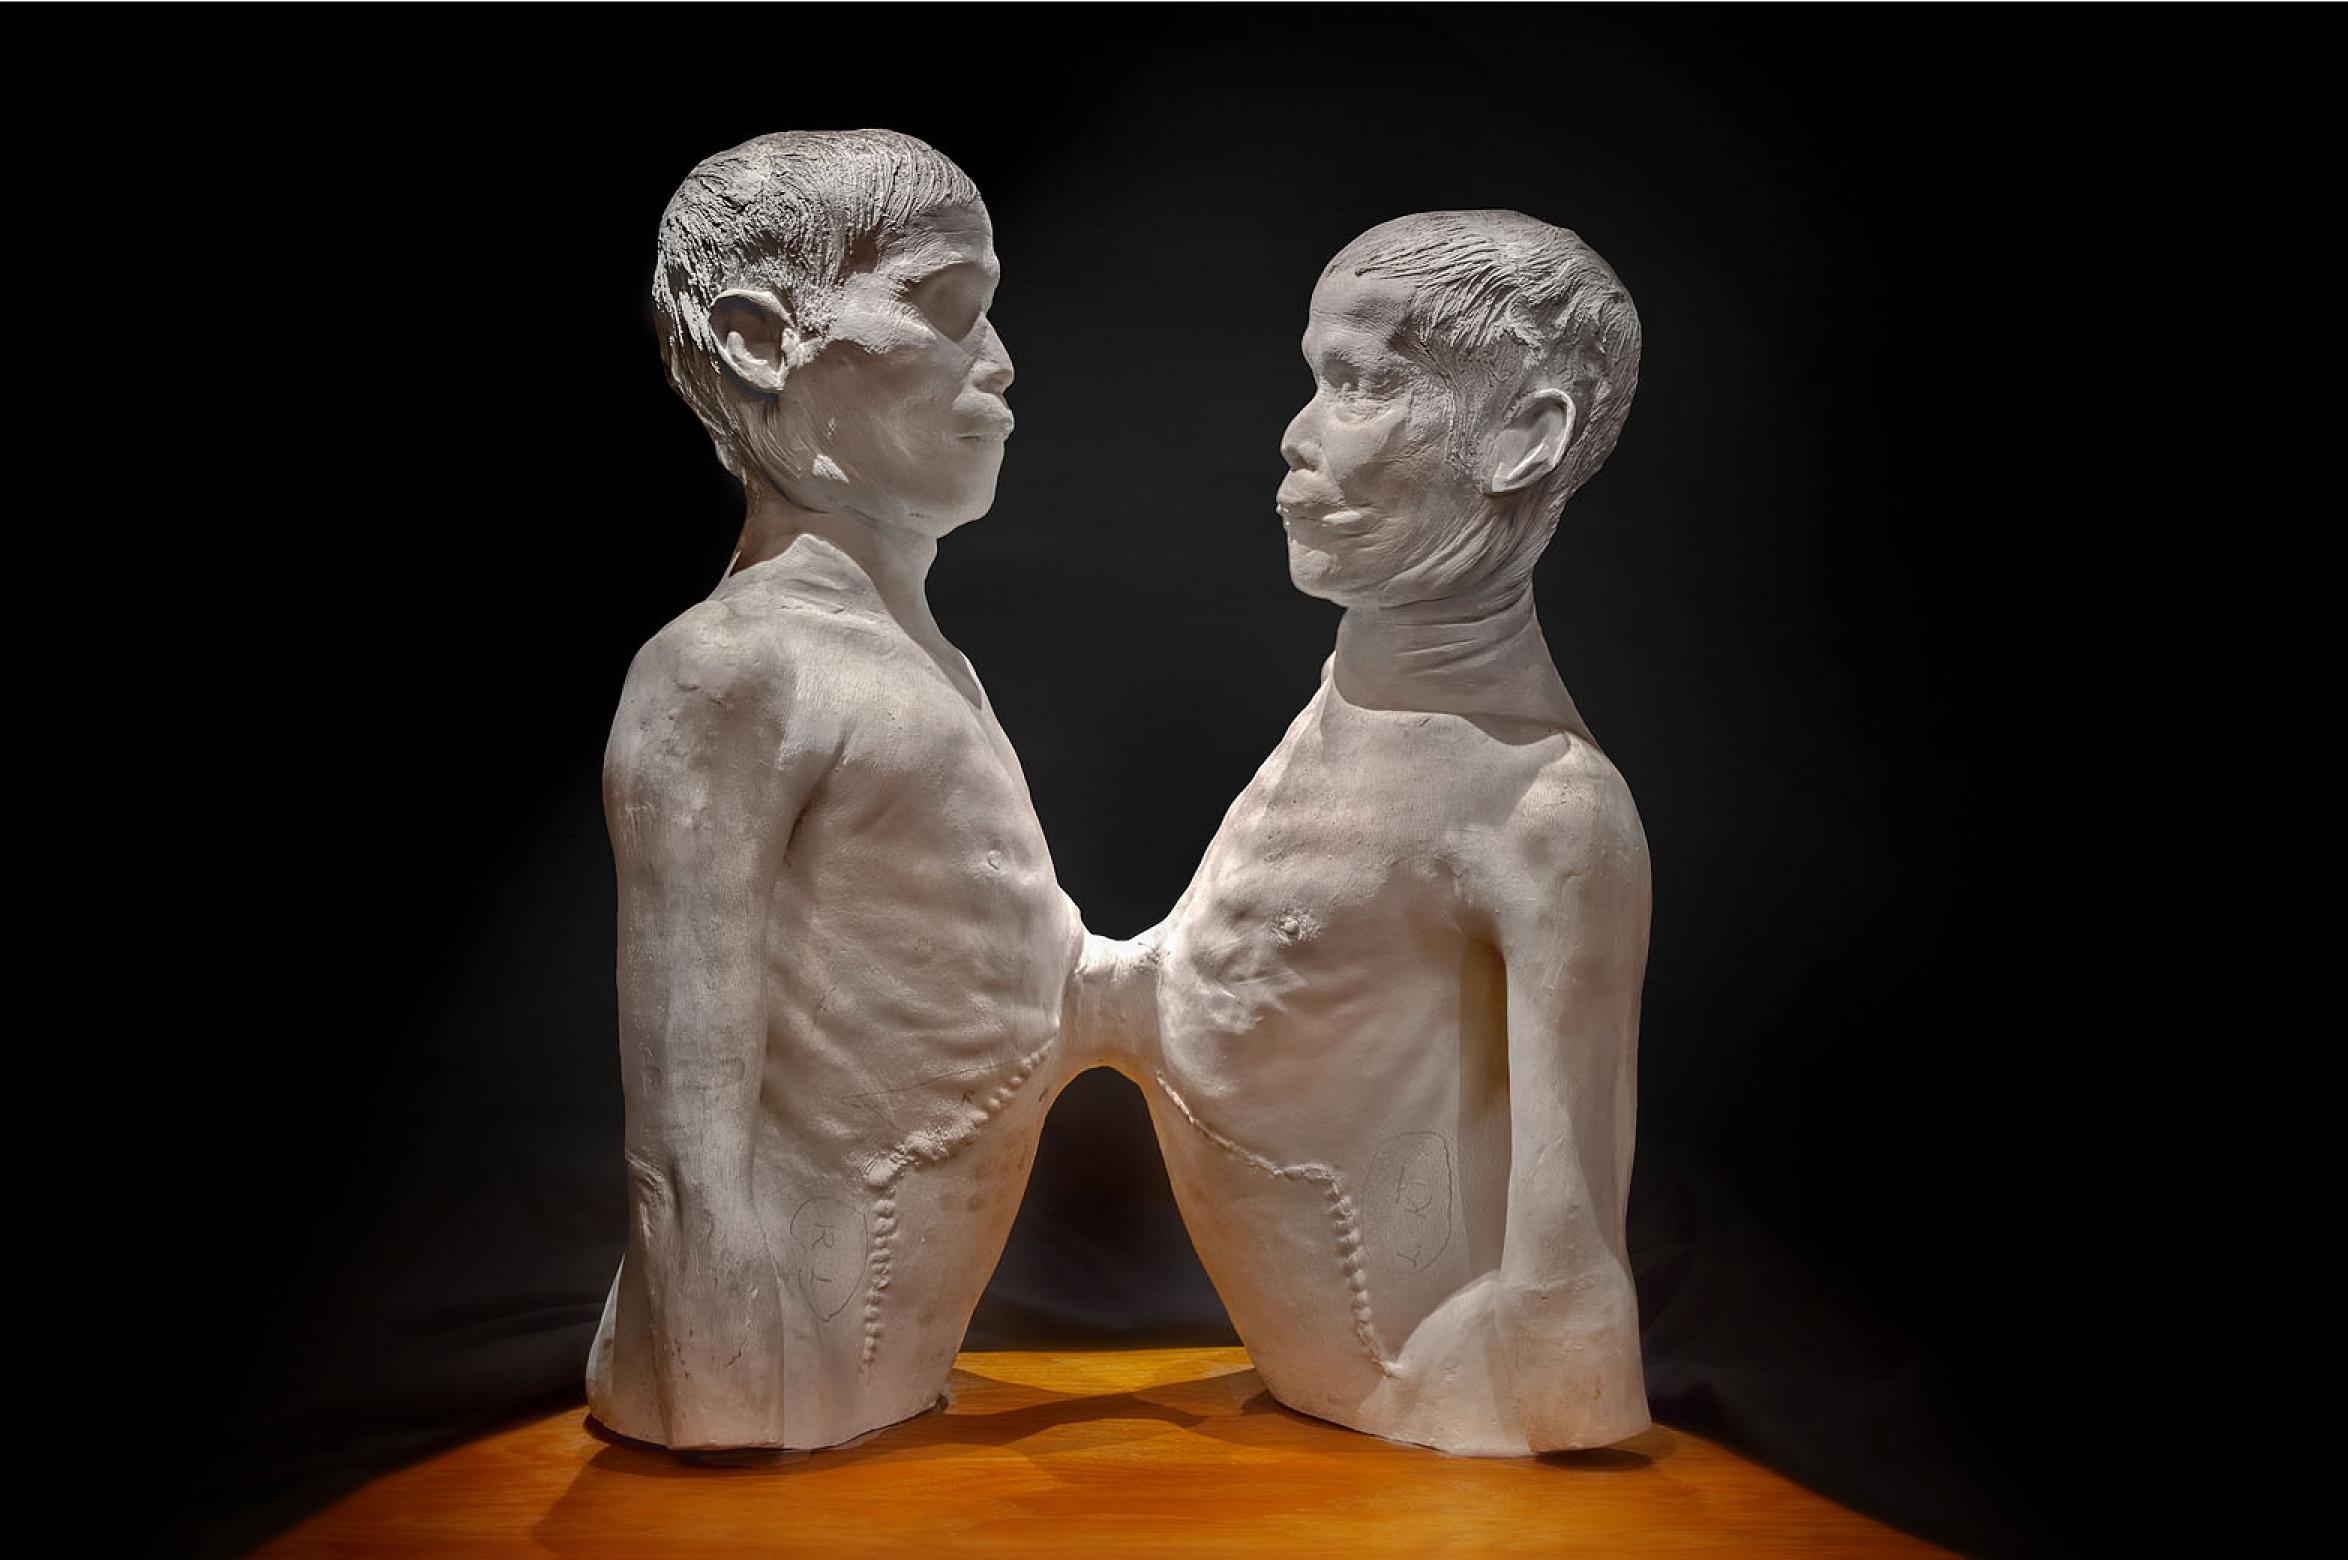 gemelli siamesi museo